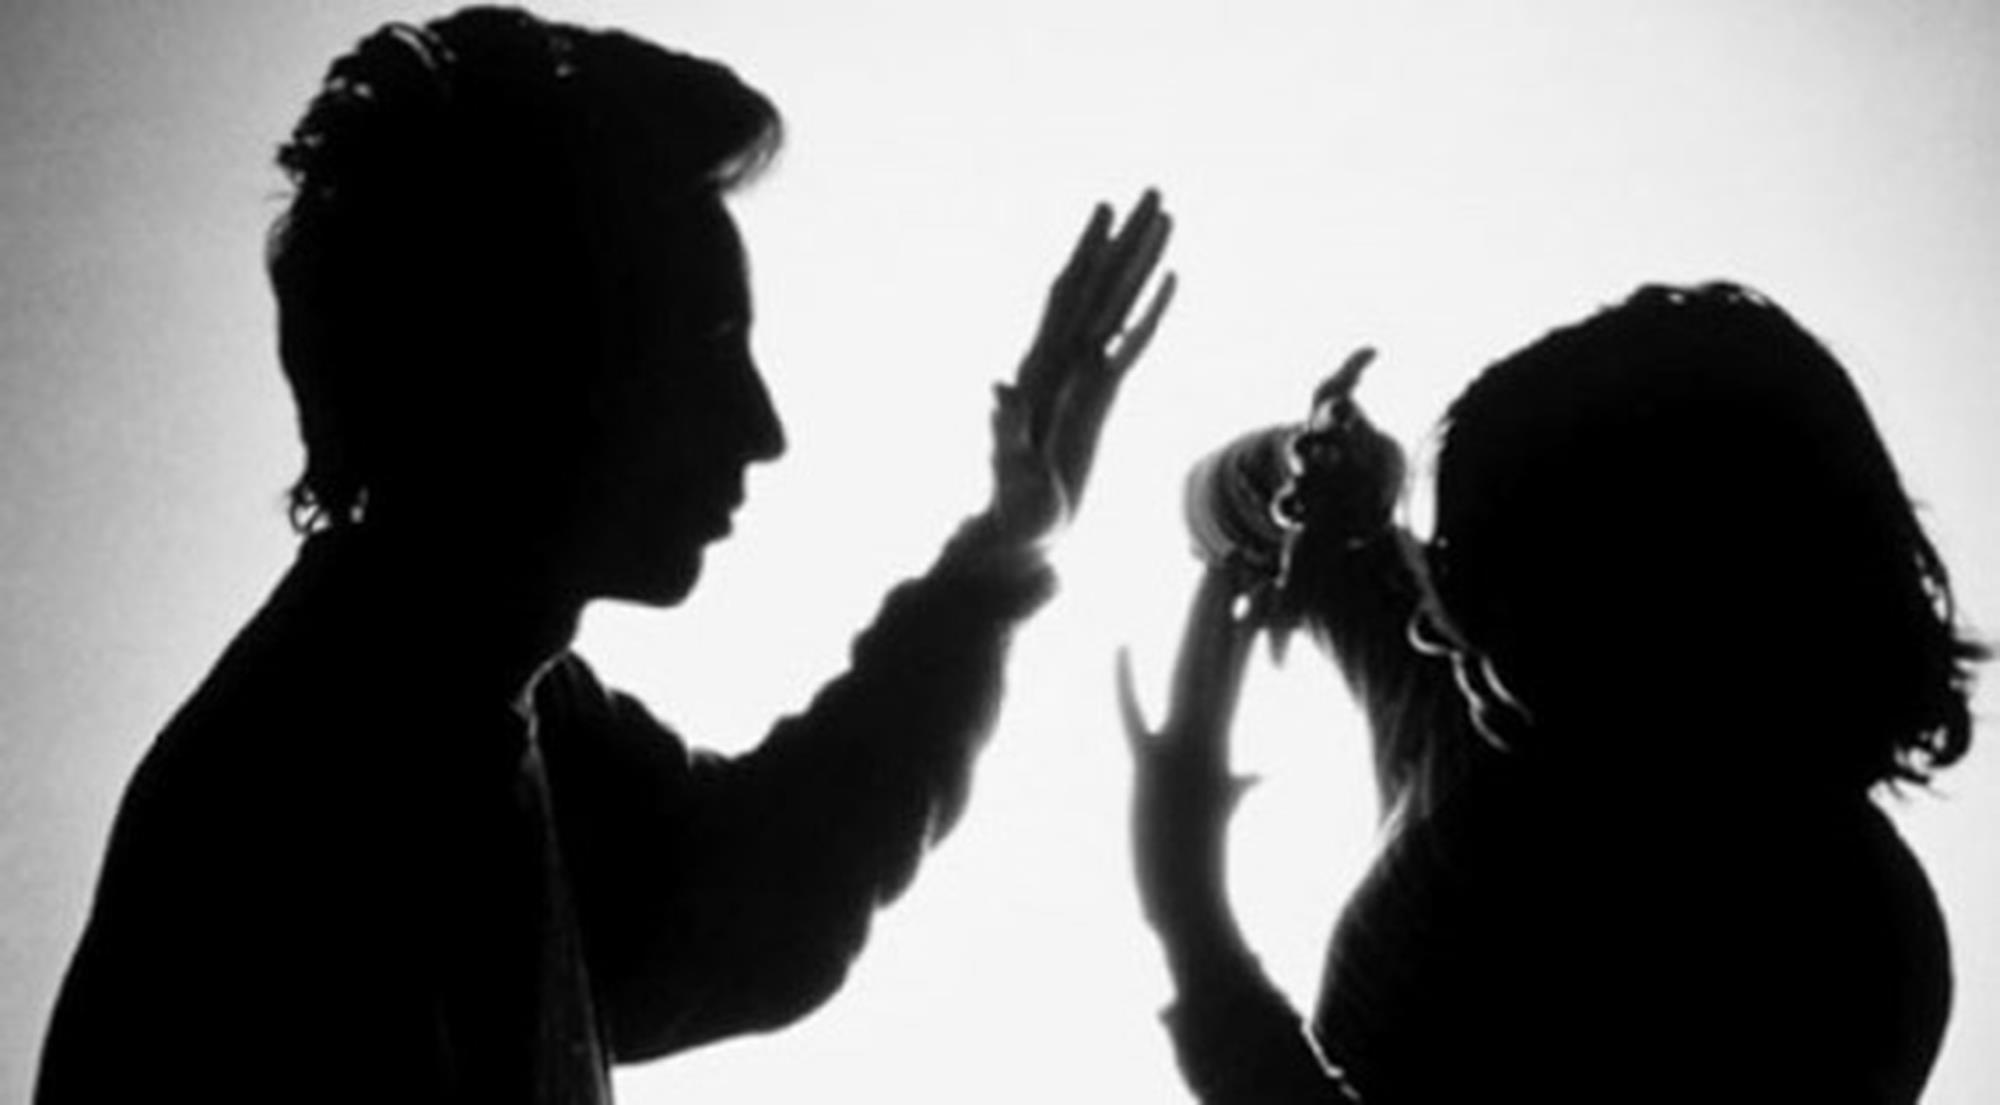 Ly hôn do bị chồng bạo hành được không? Hồ sơ ly hôn cần những gì?